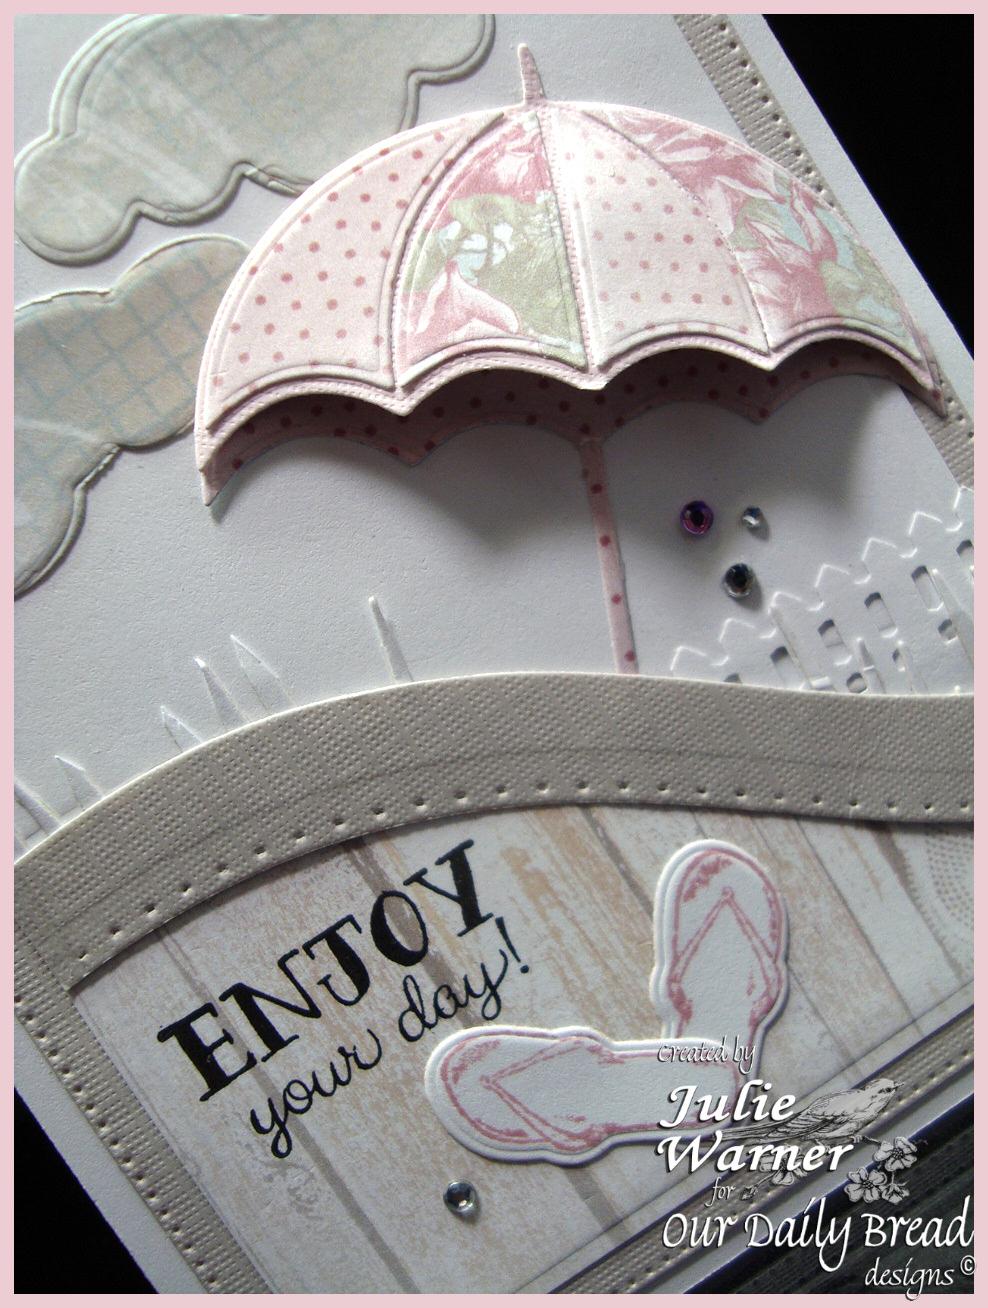 Beach Umbrella cu 06076